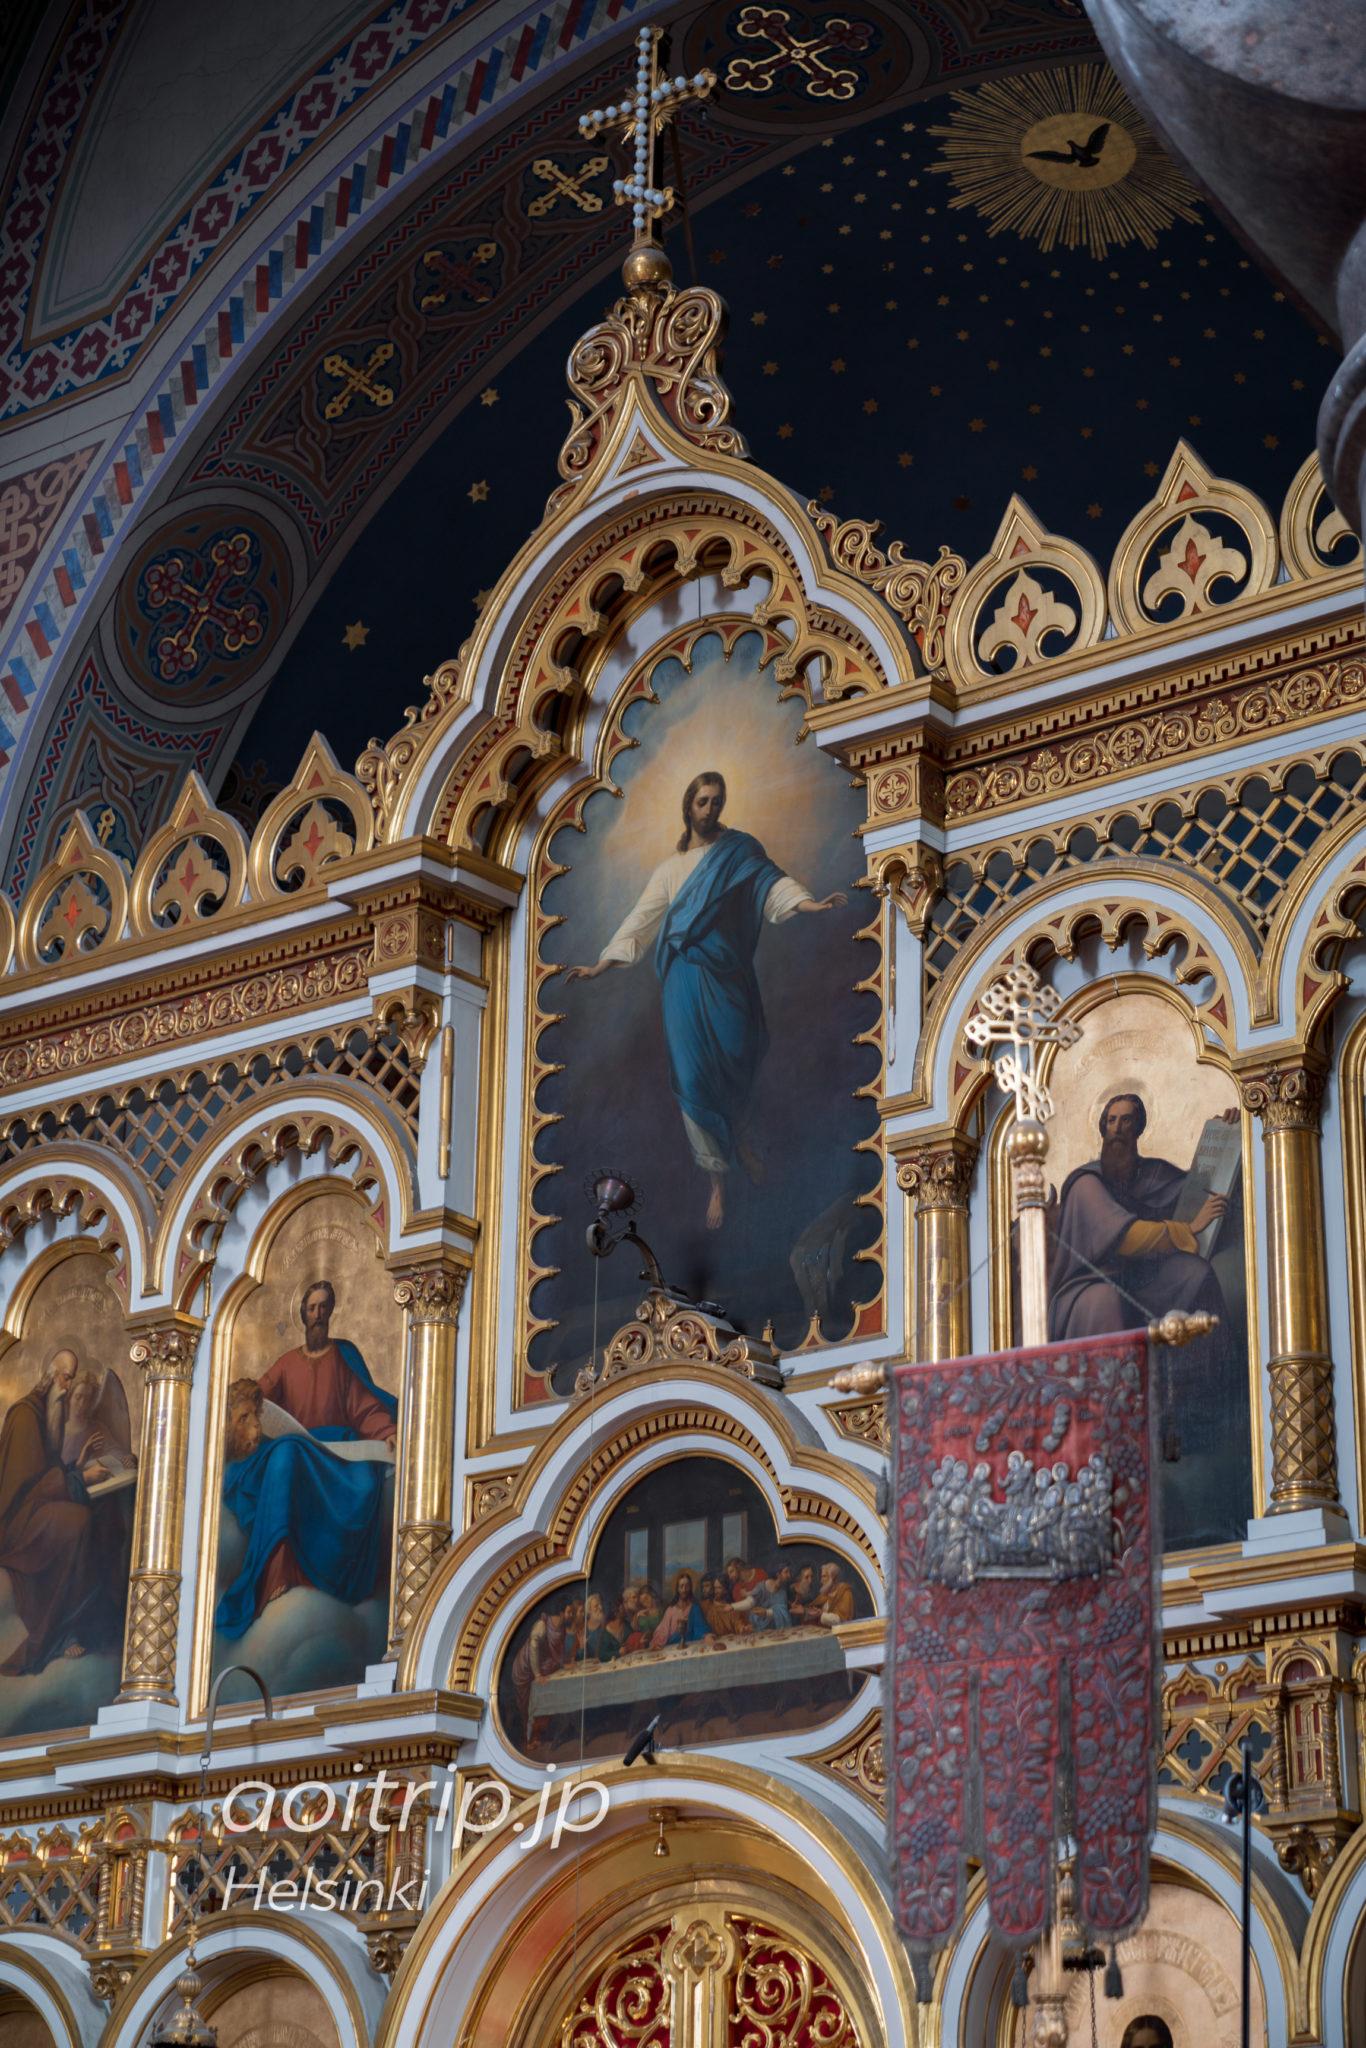 ヘルシンキ生神女就寝大聖堂の内部